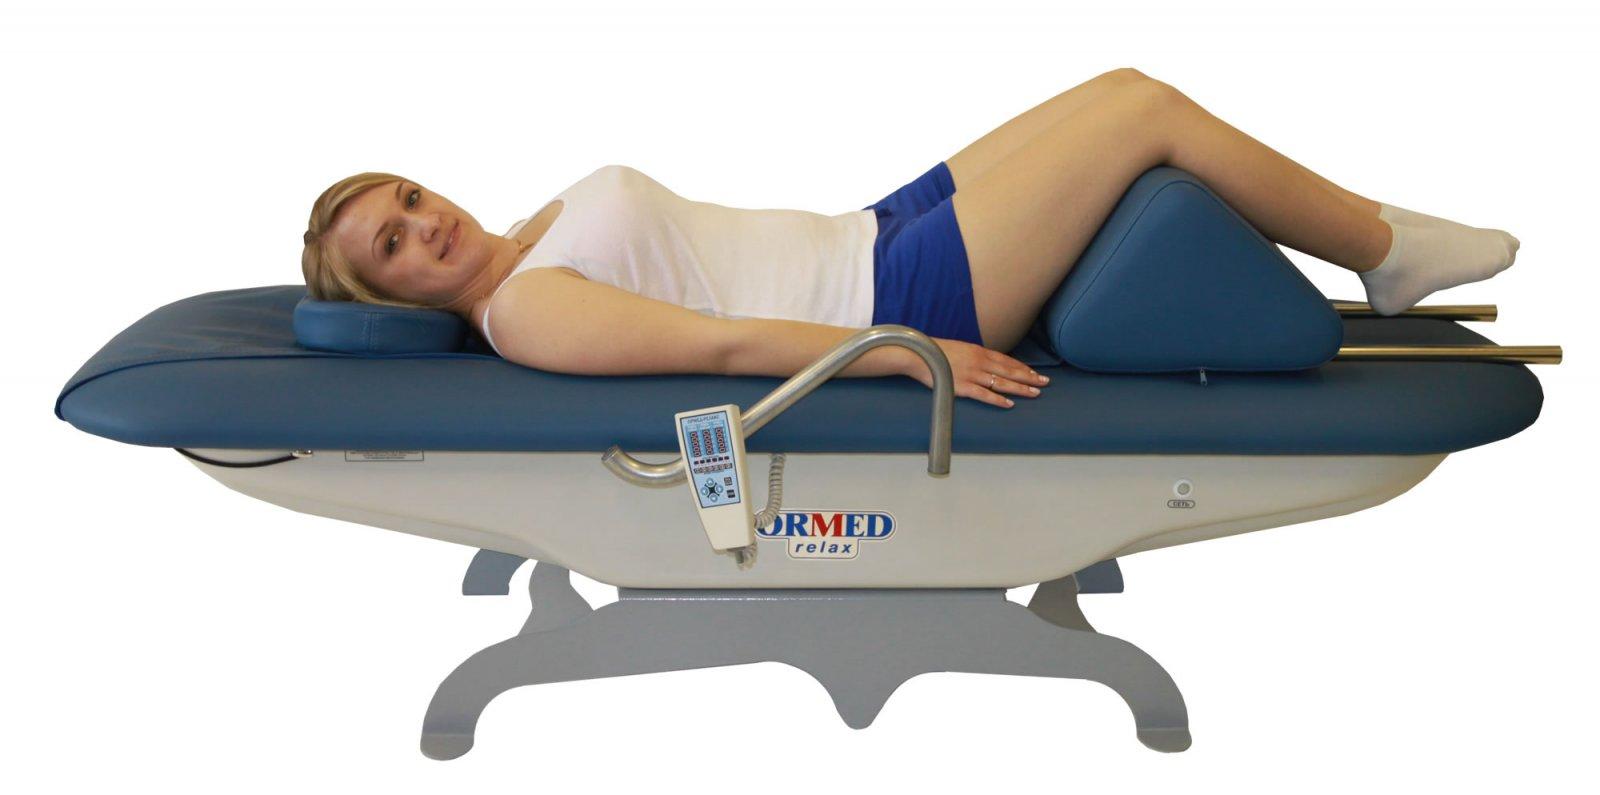 Ормед Релакс установка для вибрационно-теплового роликового массажа позвоночника